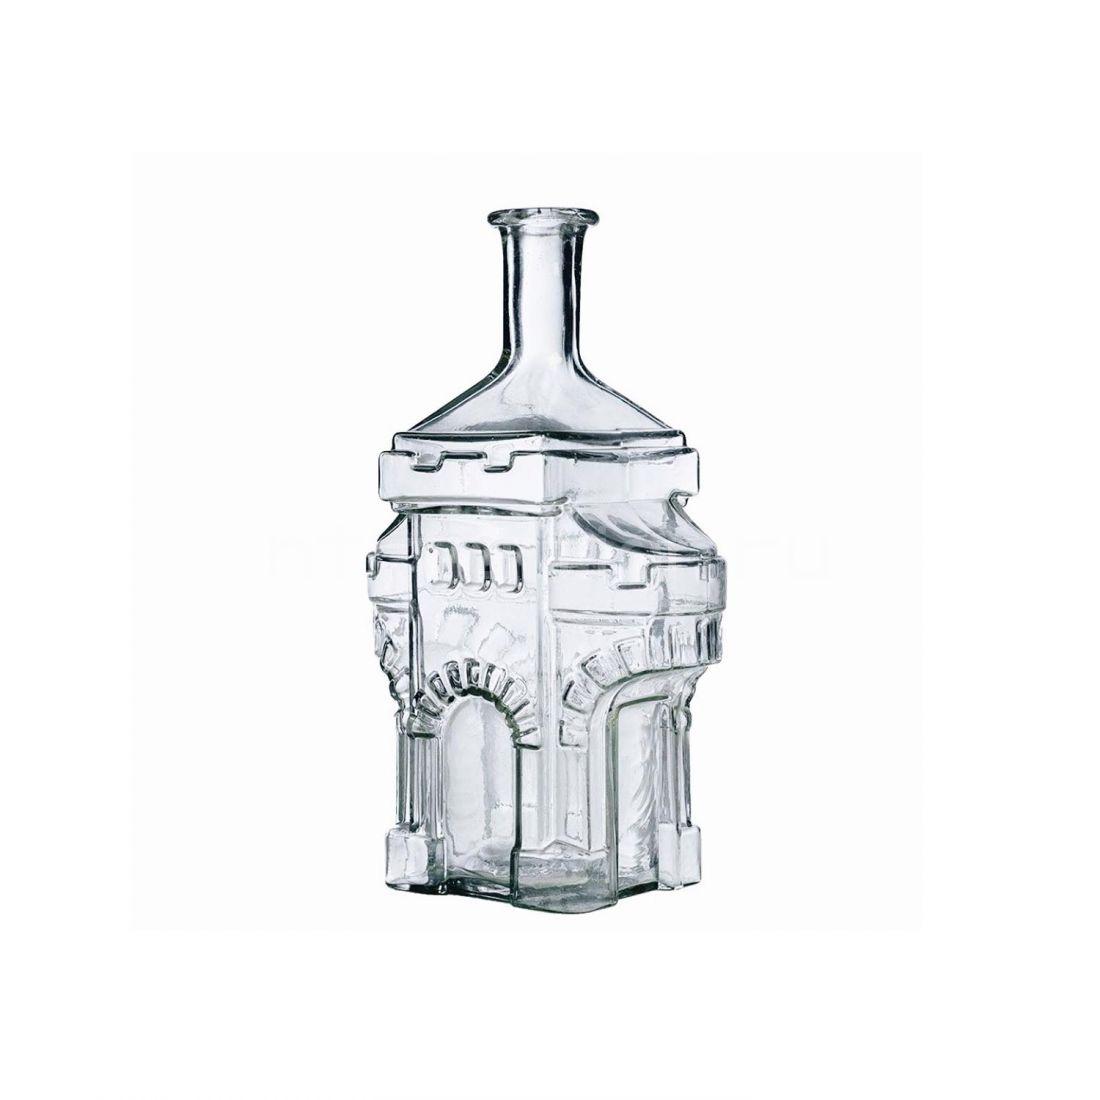 Бутылка Вежа, 1,5 л